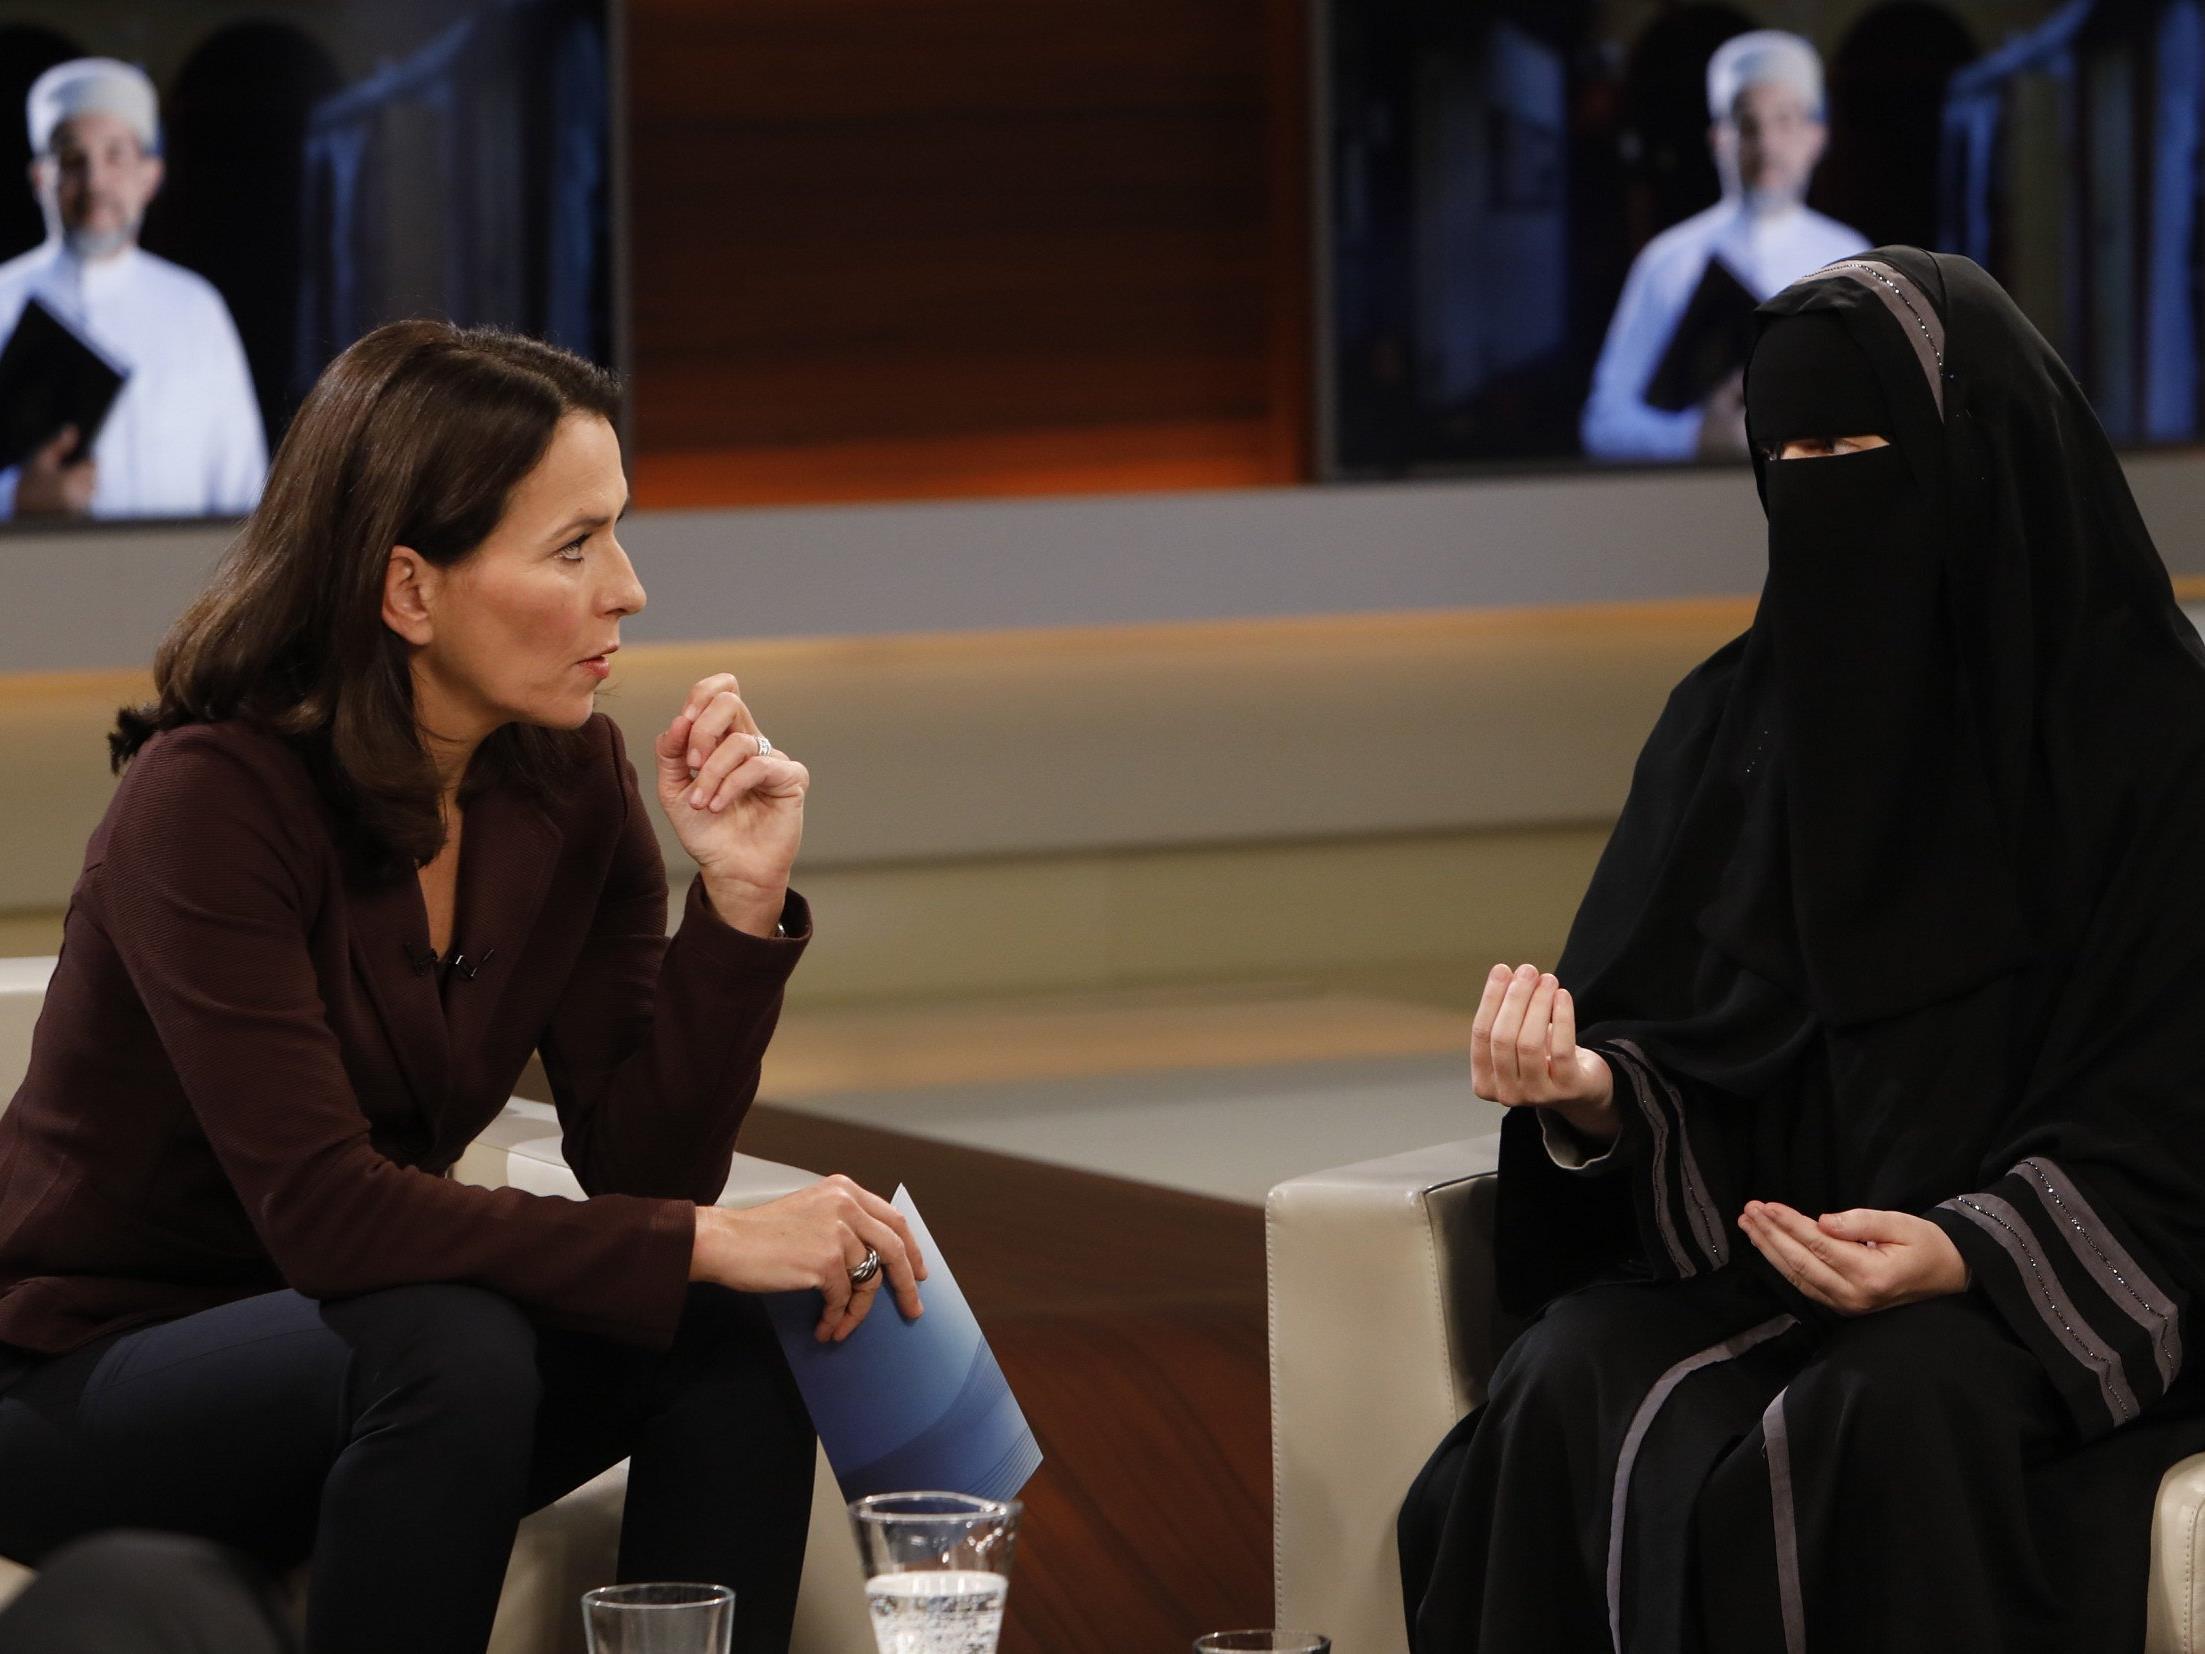 Nachdem Auftritt der Niqab-Trägerin Nora Illi liegen mehrere Anzeigen gegen Moderatorin Anne Will vor.